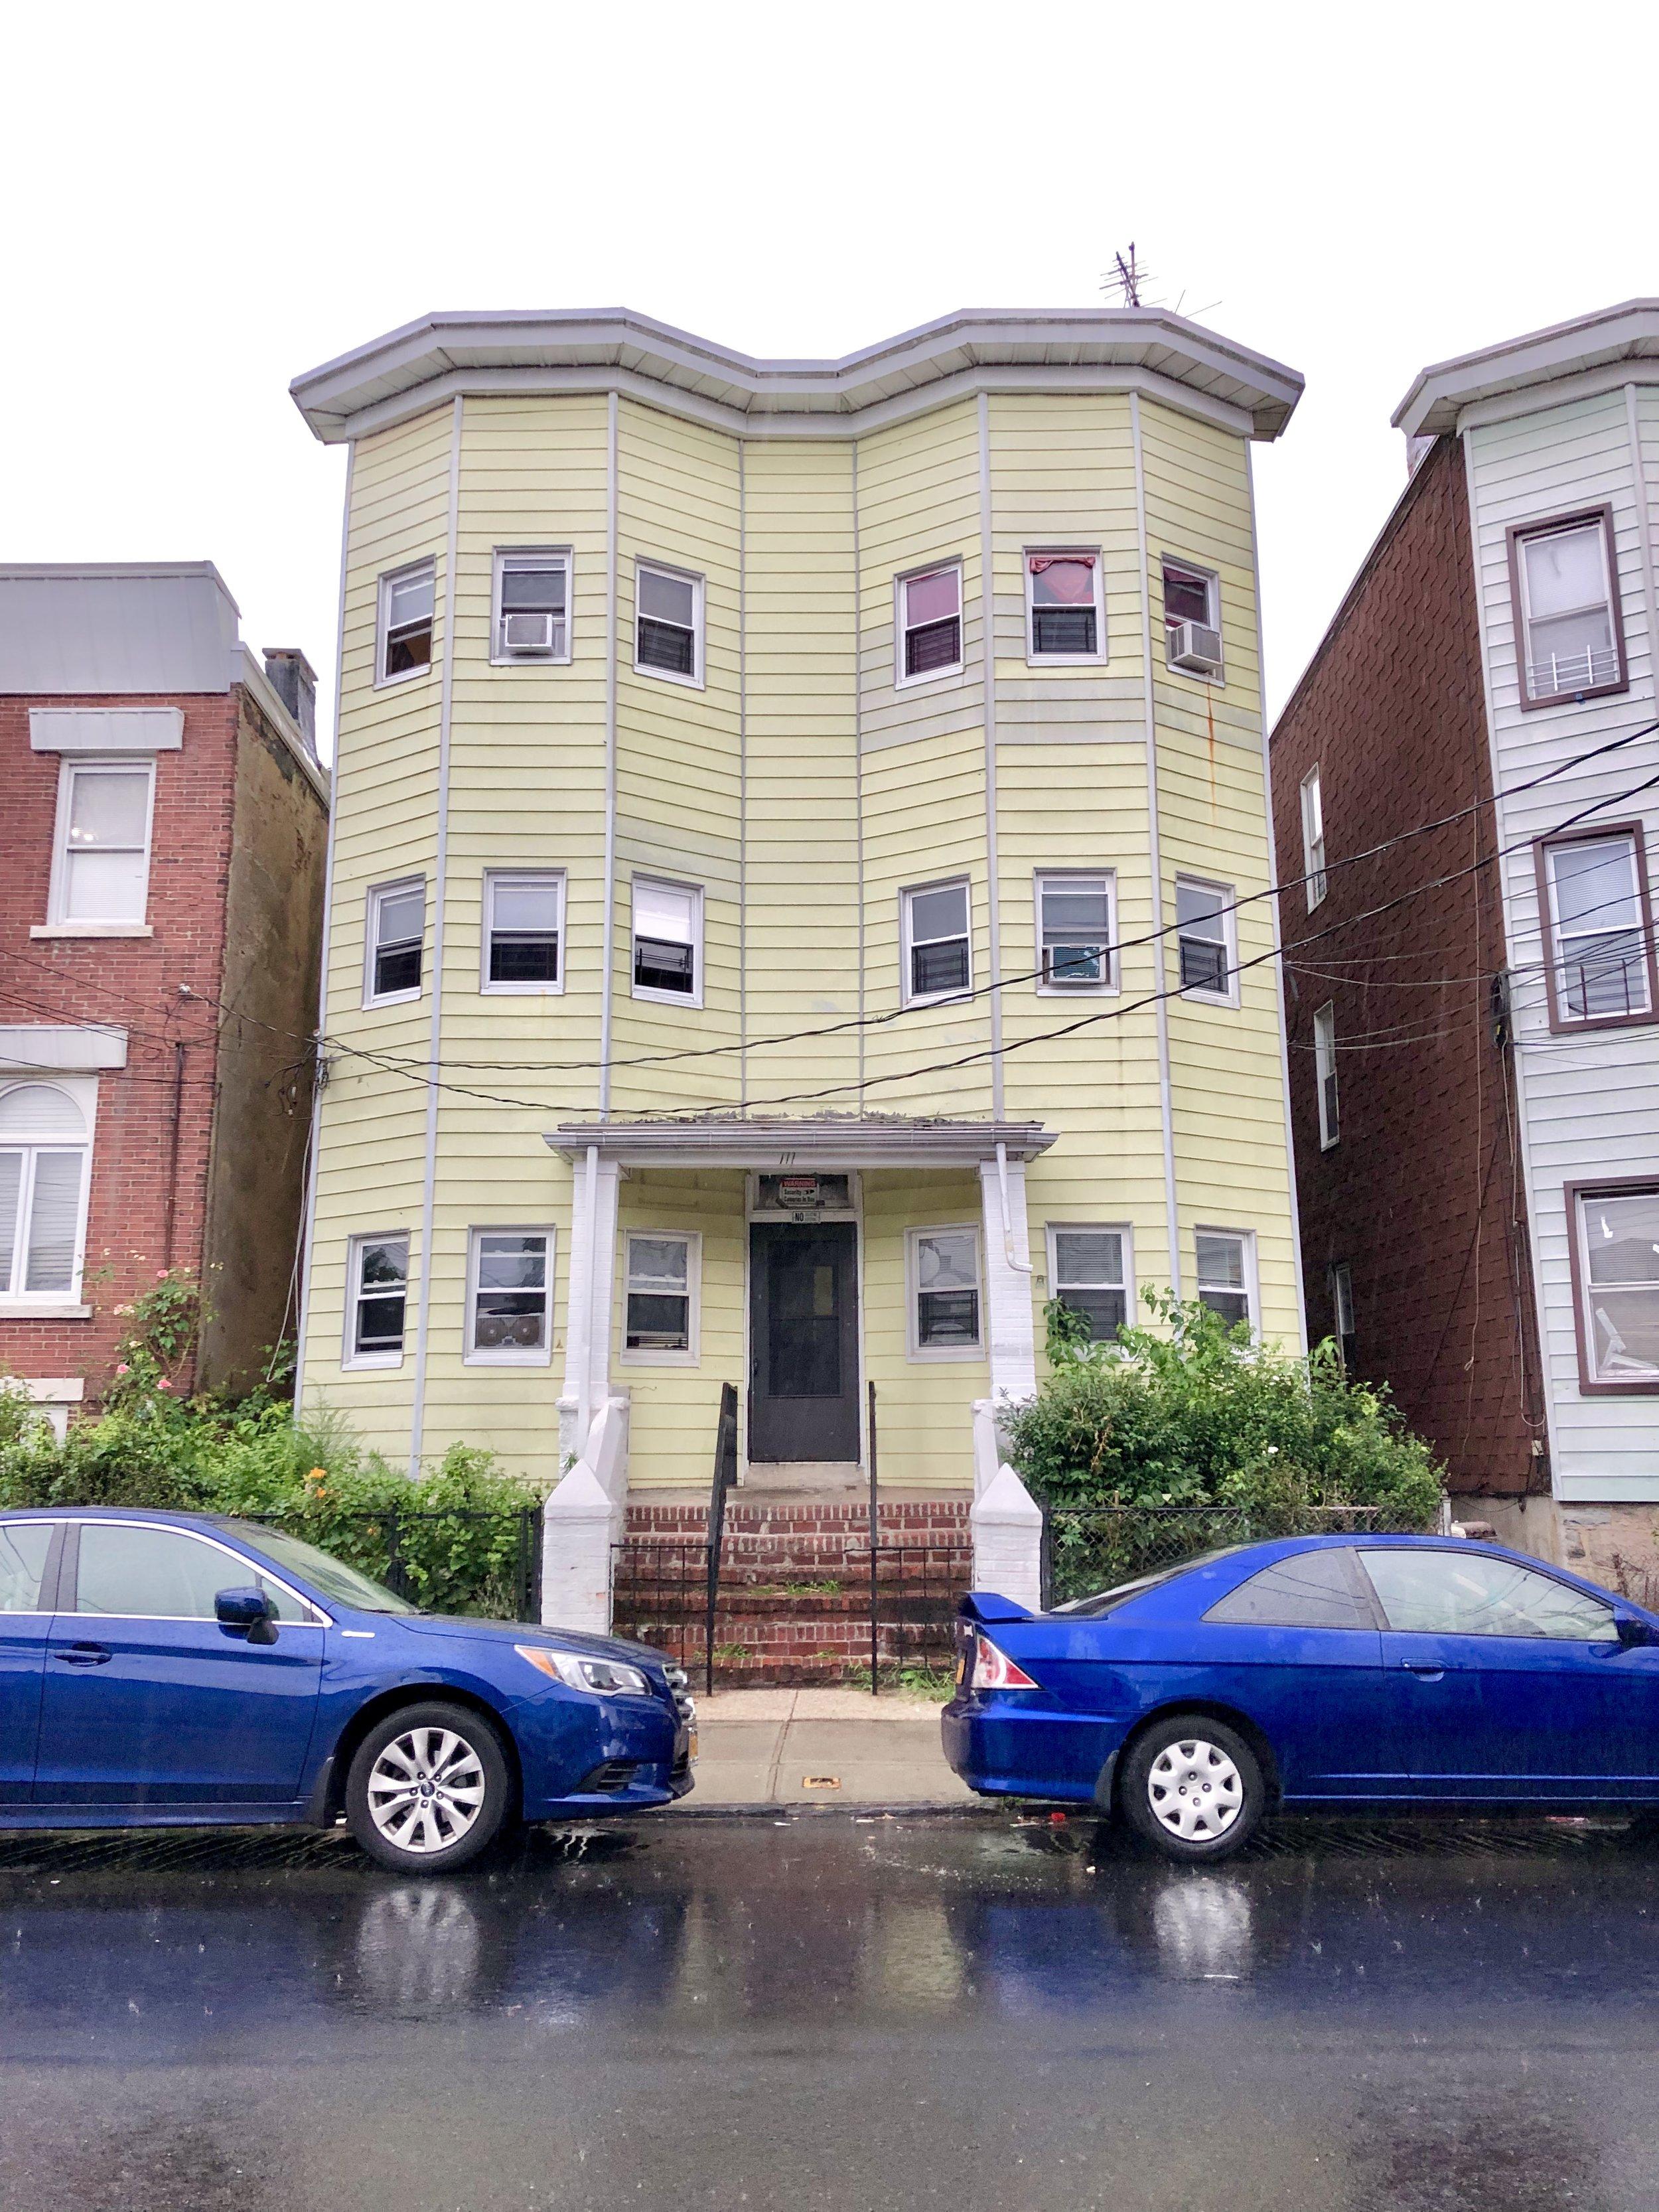 111 Morningside Ave - $999,000